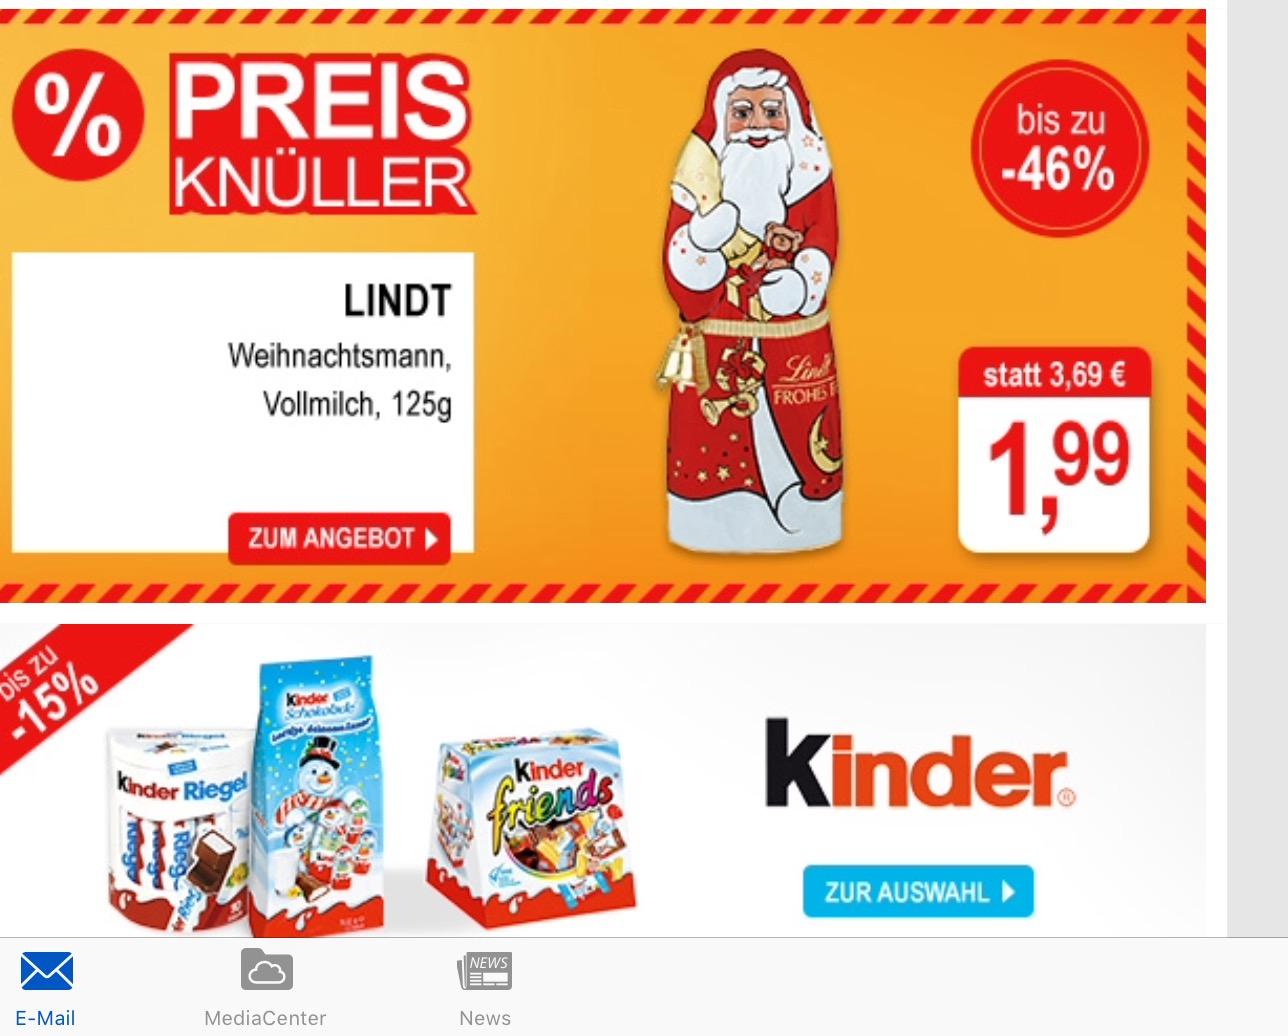 Lindt Weihnachtsmann 125 g Vollmilch durch Angebot und Rabatt bei Allyouneedfresh